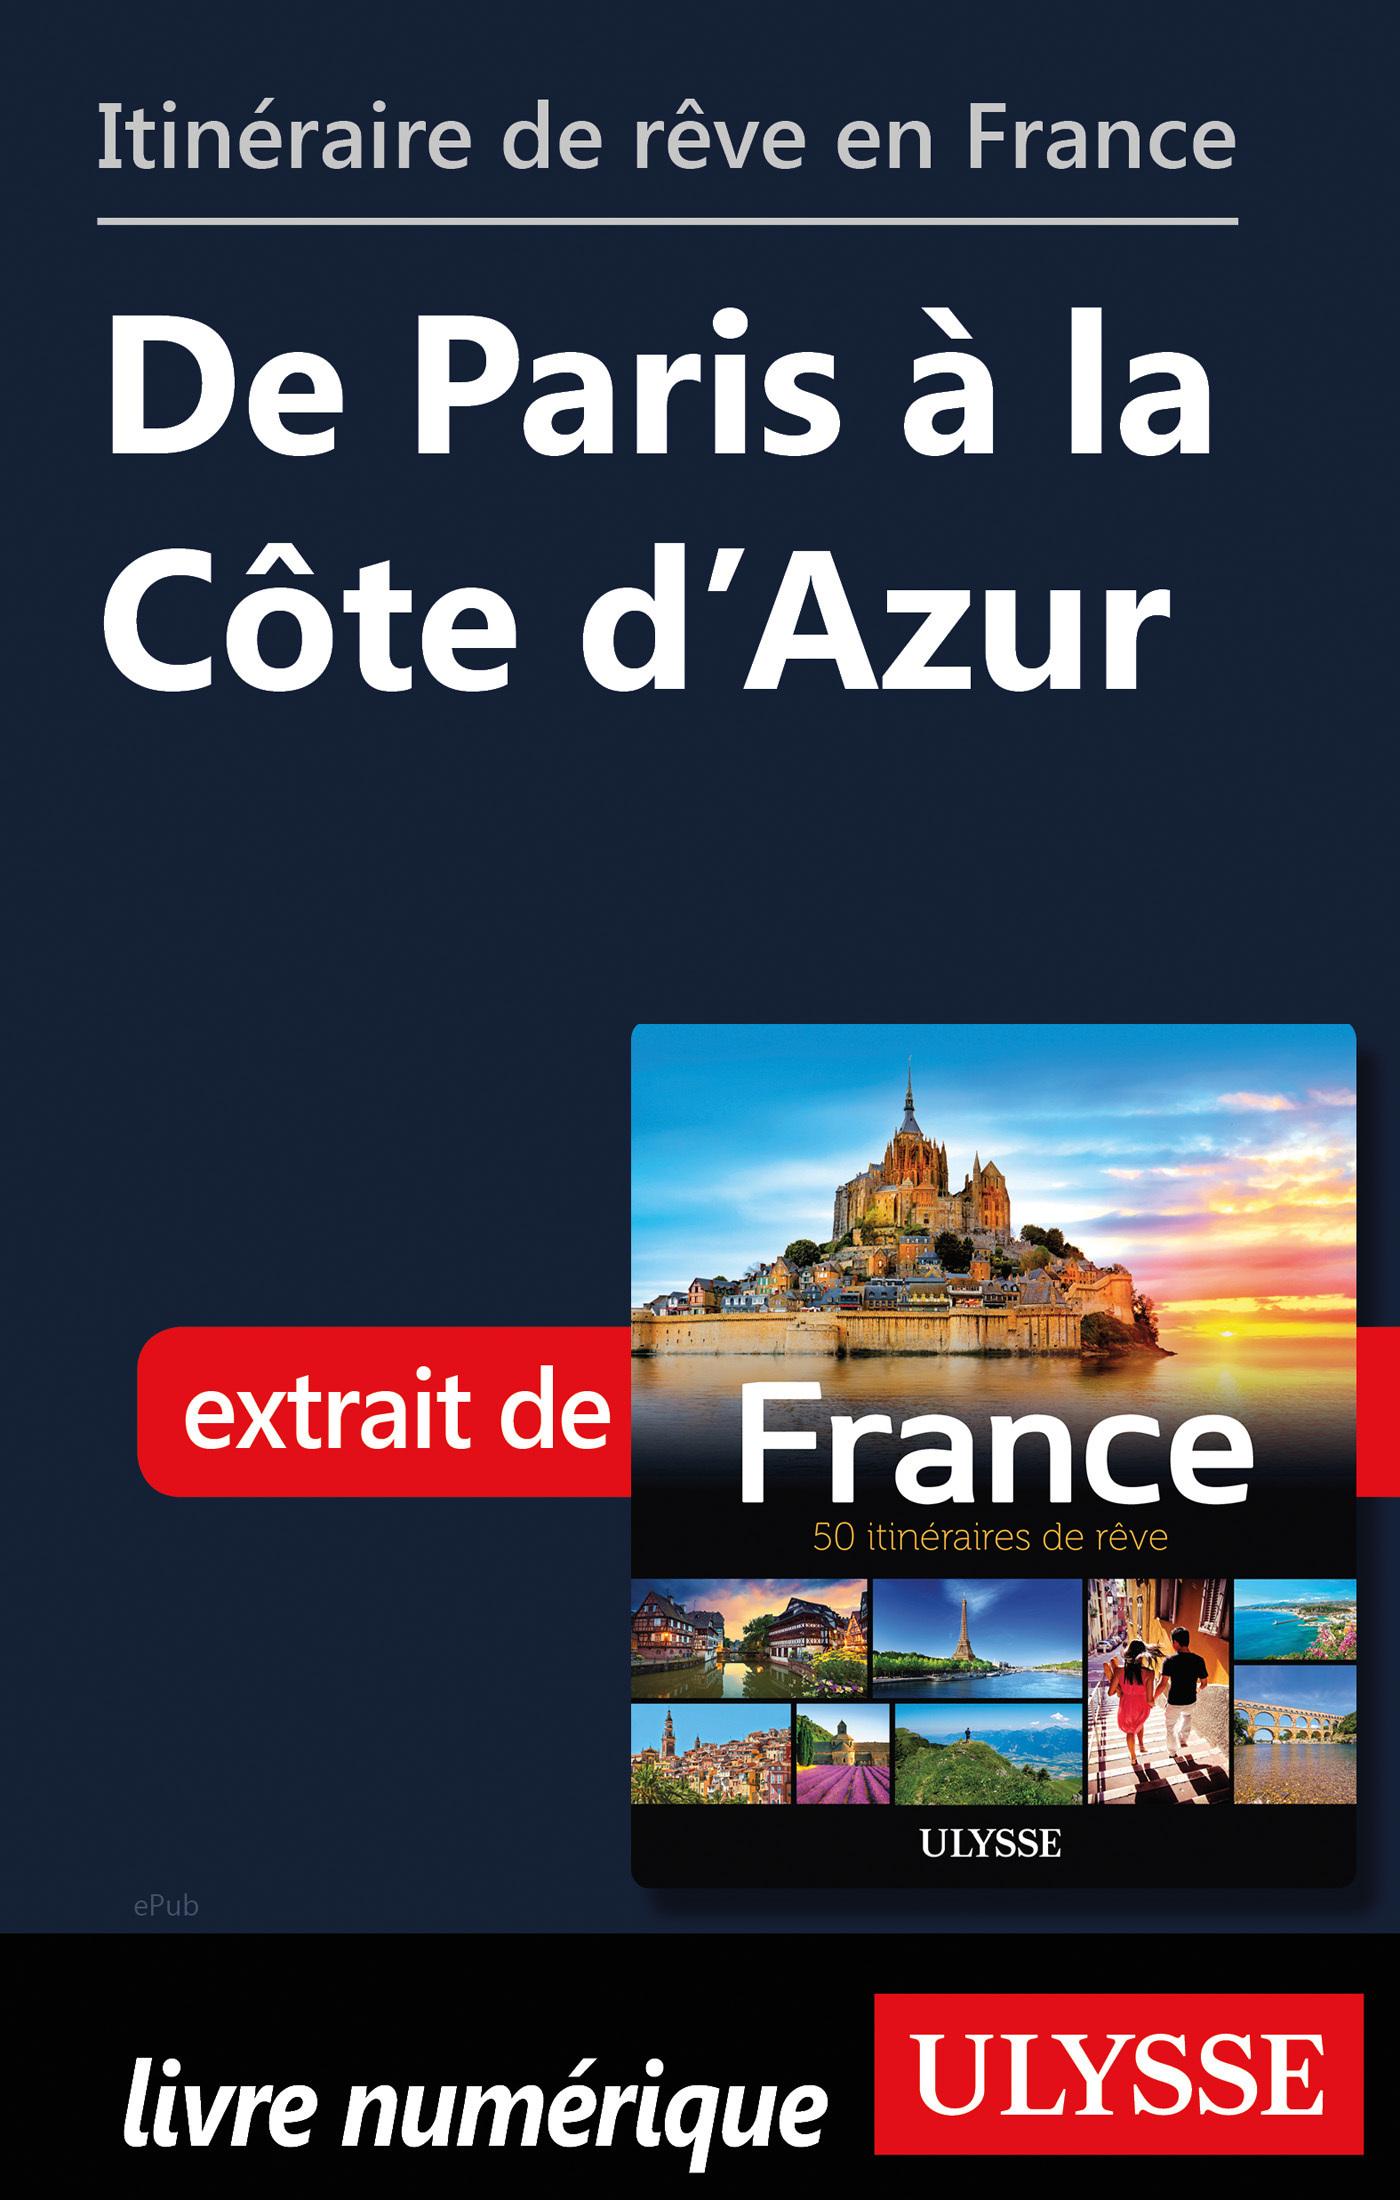 Itinéraire de rêve en France - De Paris à la Côte d'Azur